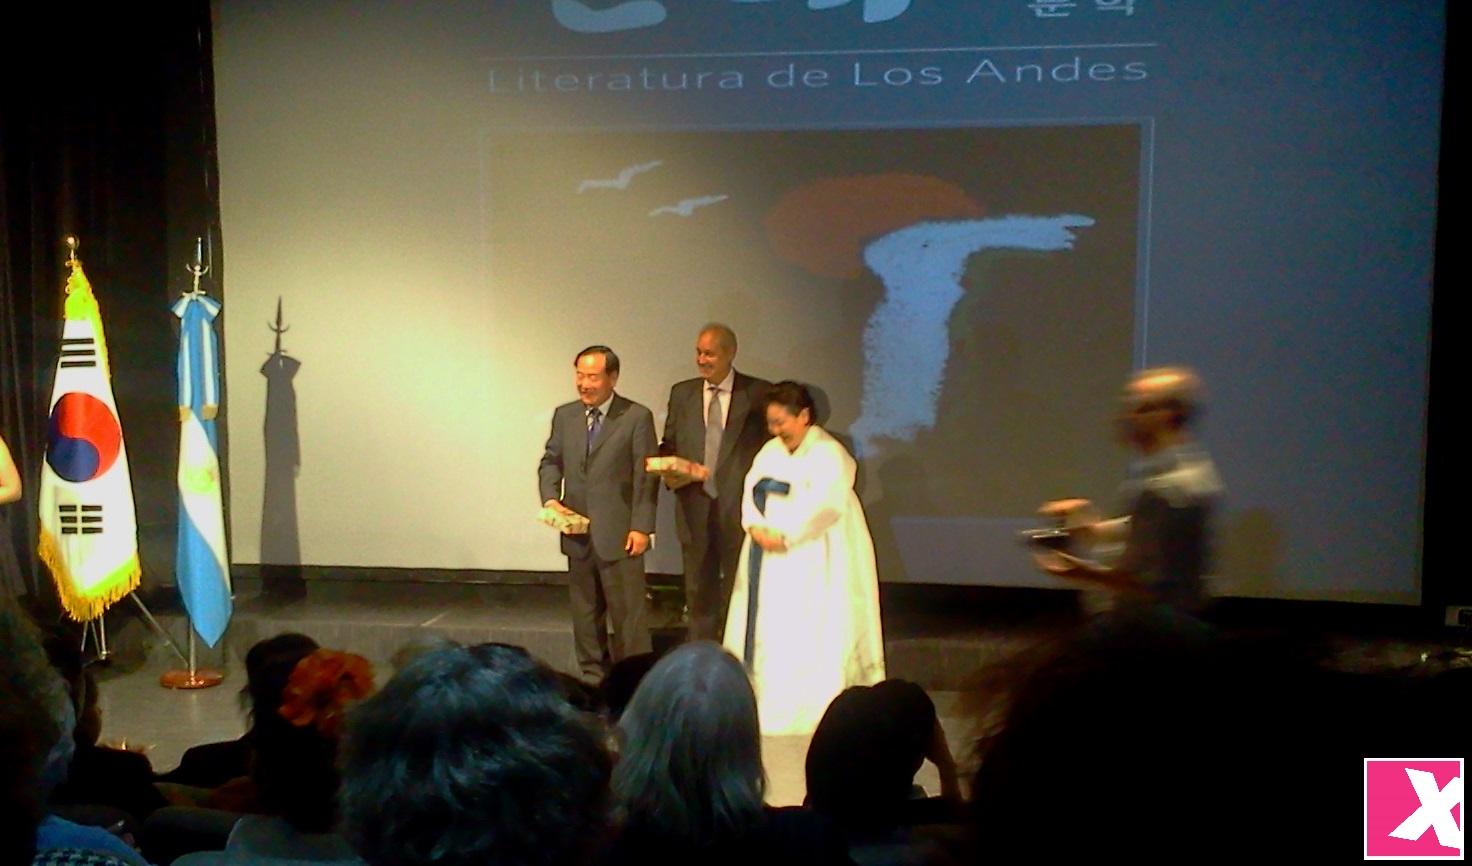 presentacion libro Literatura de los Andes 2013 xiahpop (5)